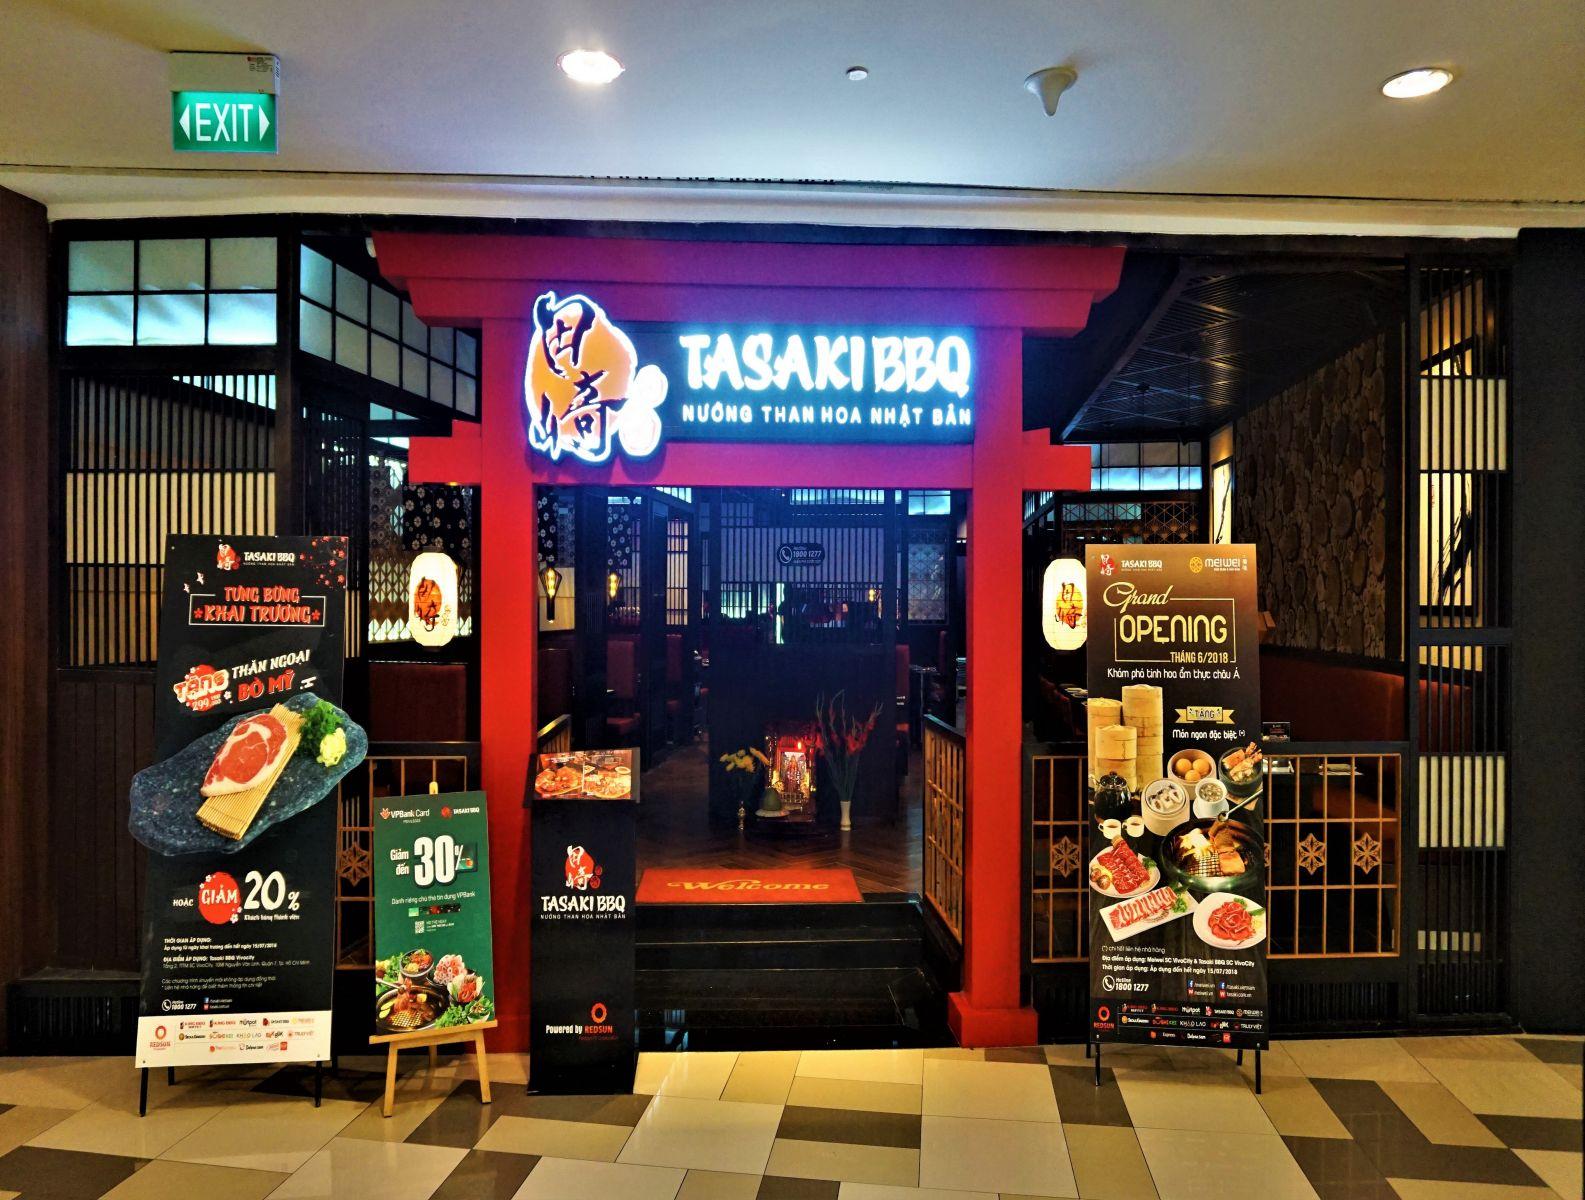 Công trình nhà hàng Tasaki BBQ - SC VivoCity Mall